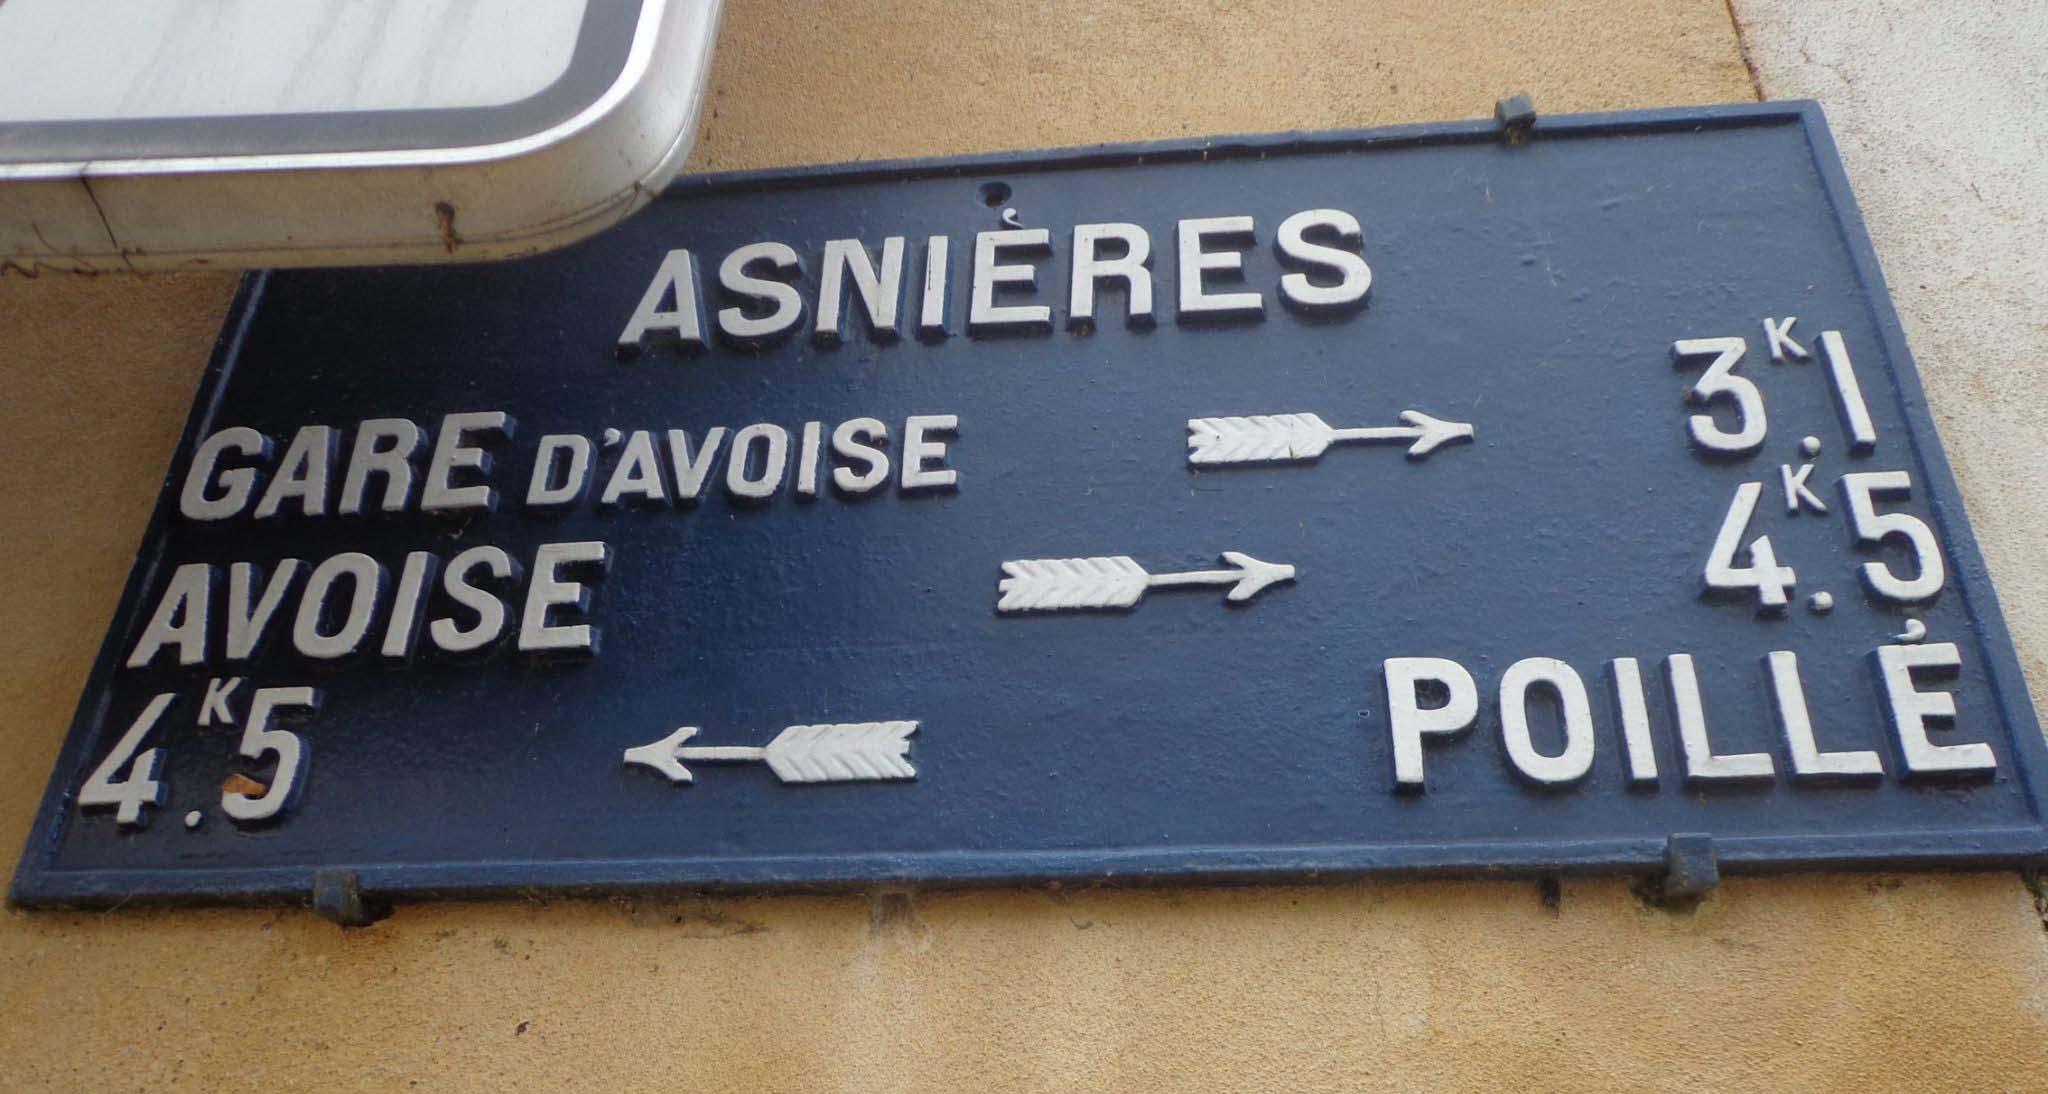 Asnières sur Vègre - Plaque de cocher - Gare d'Avoise - Avoise - Poillé (Marie-Yvonne Mersanne)